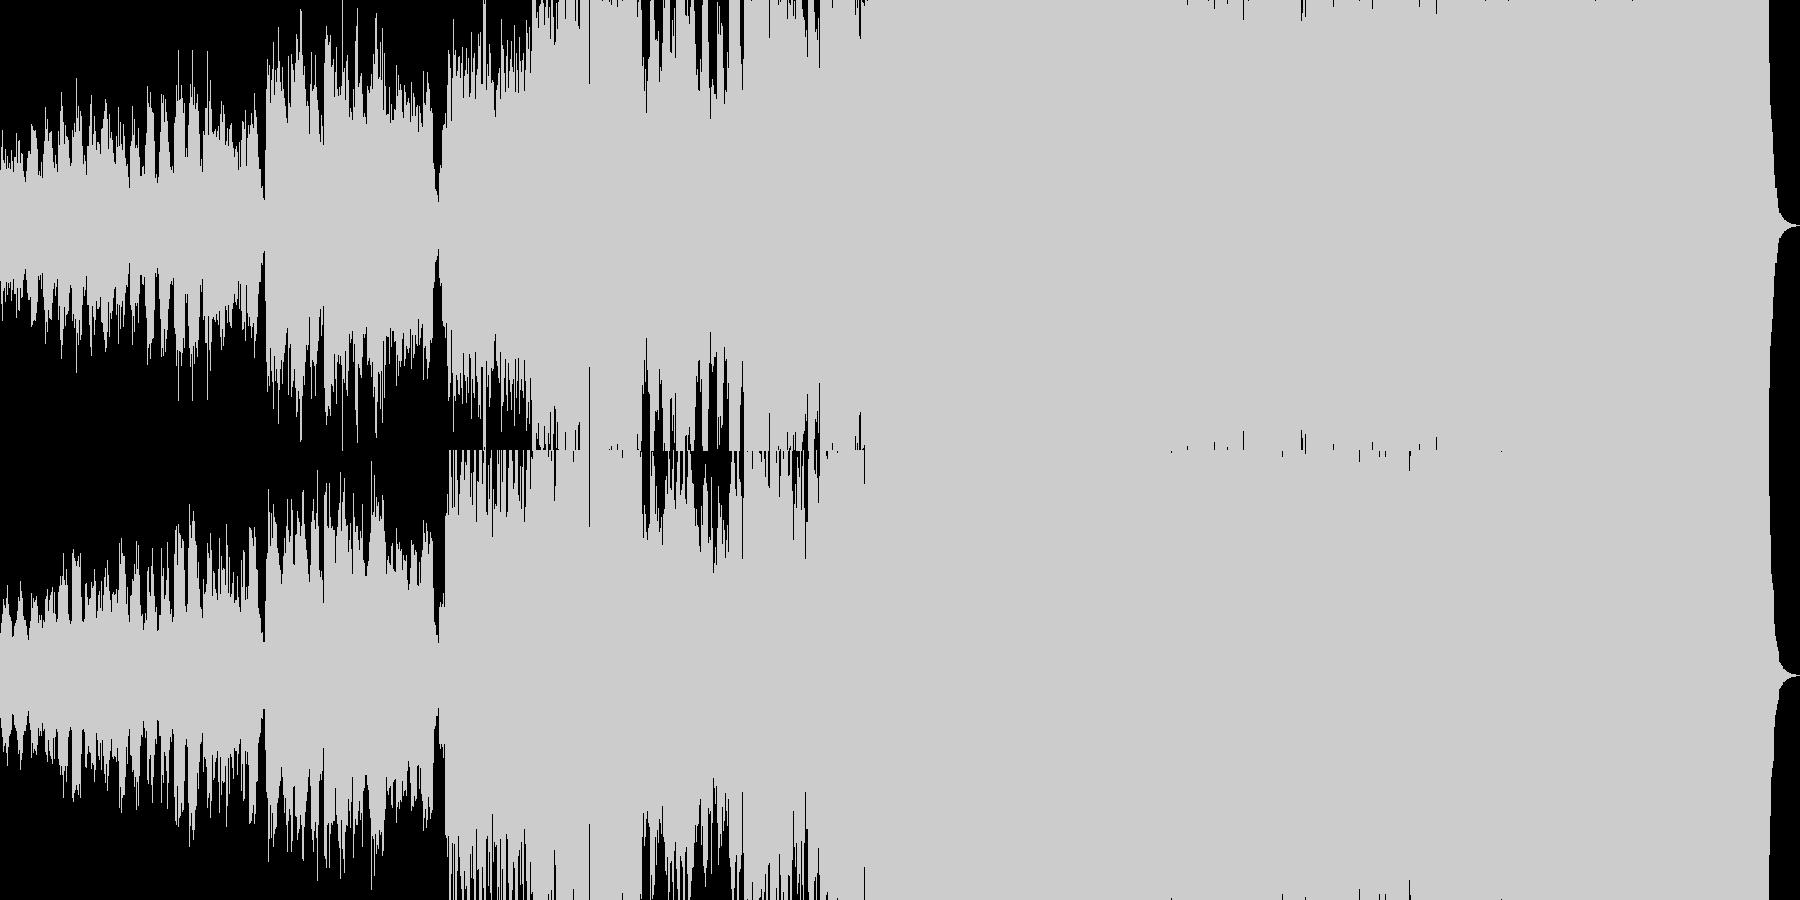 ファンタジー映画楽曲の未再生の波形